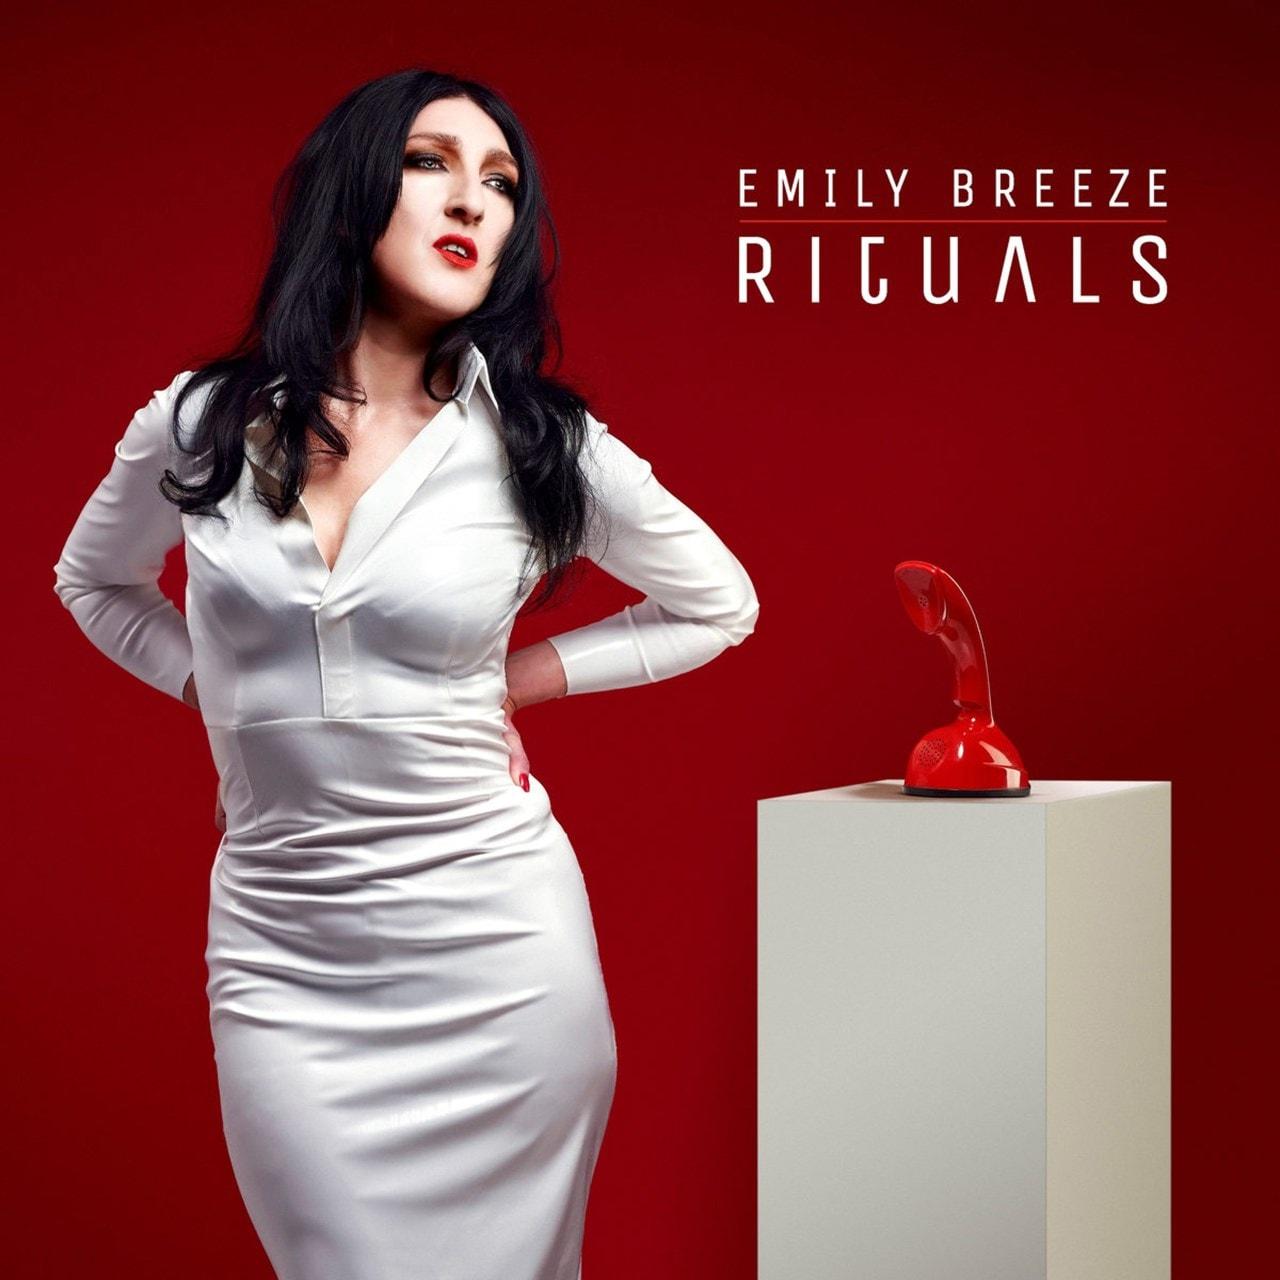 Rituals - 1